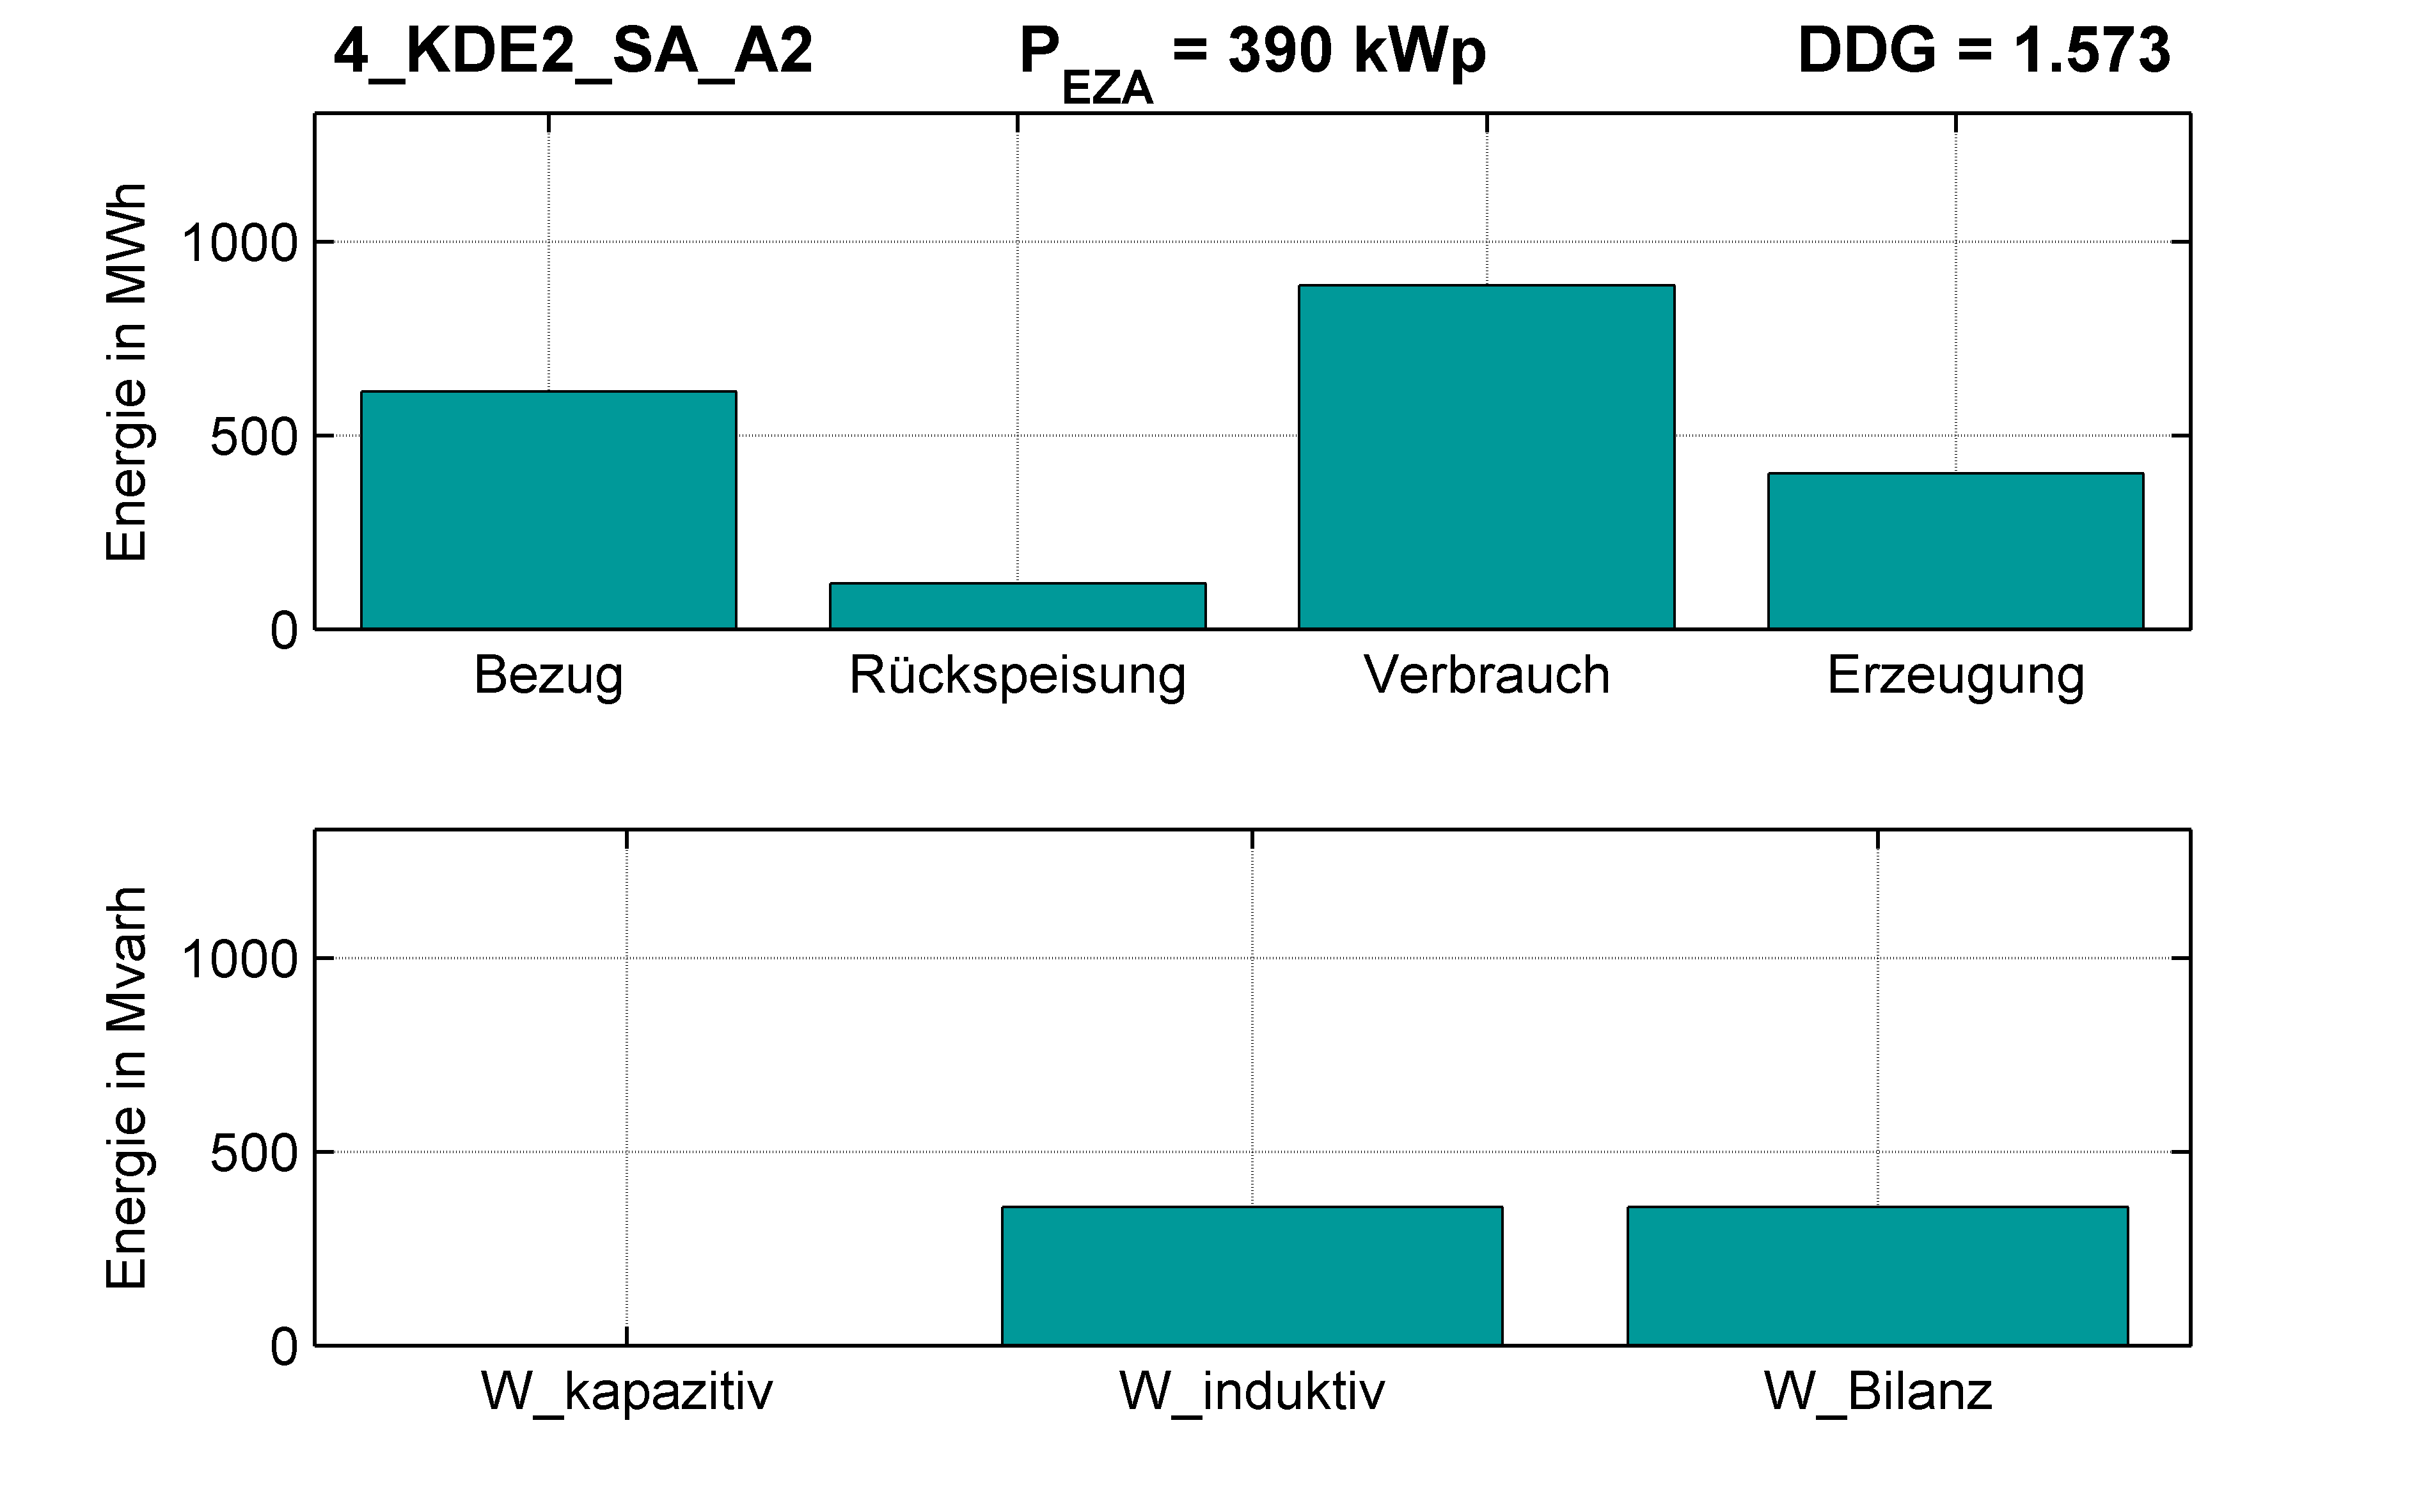 KDE2 | P-Kappung 55% (SA) A2 | PQ-Bilanz